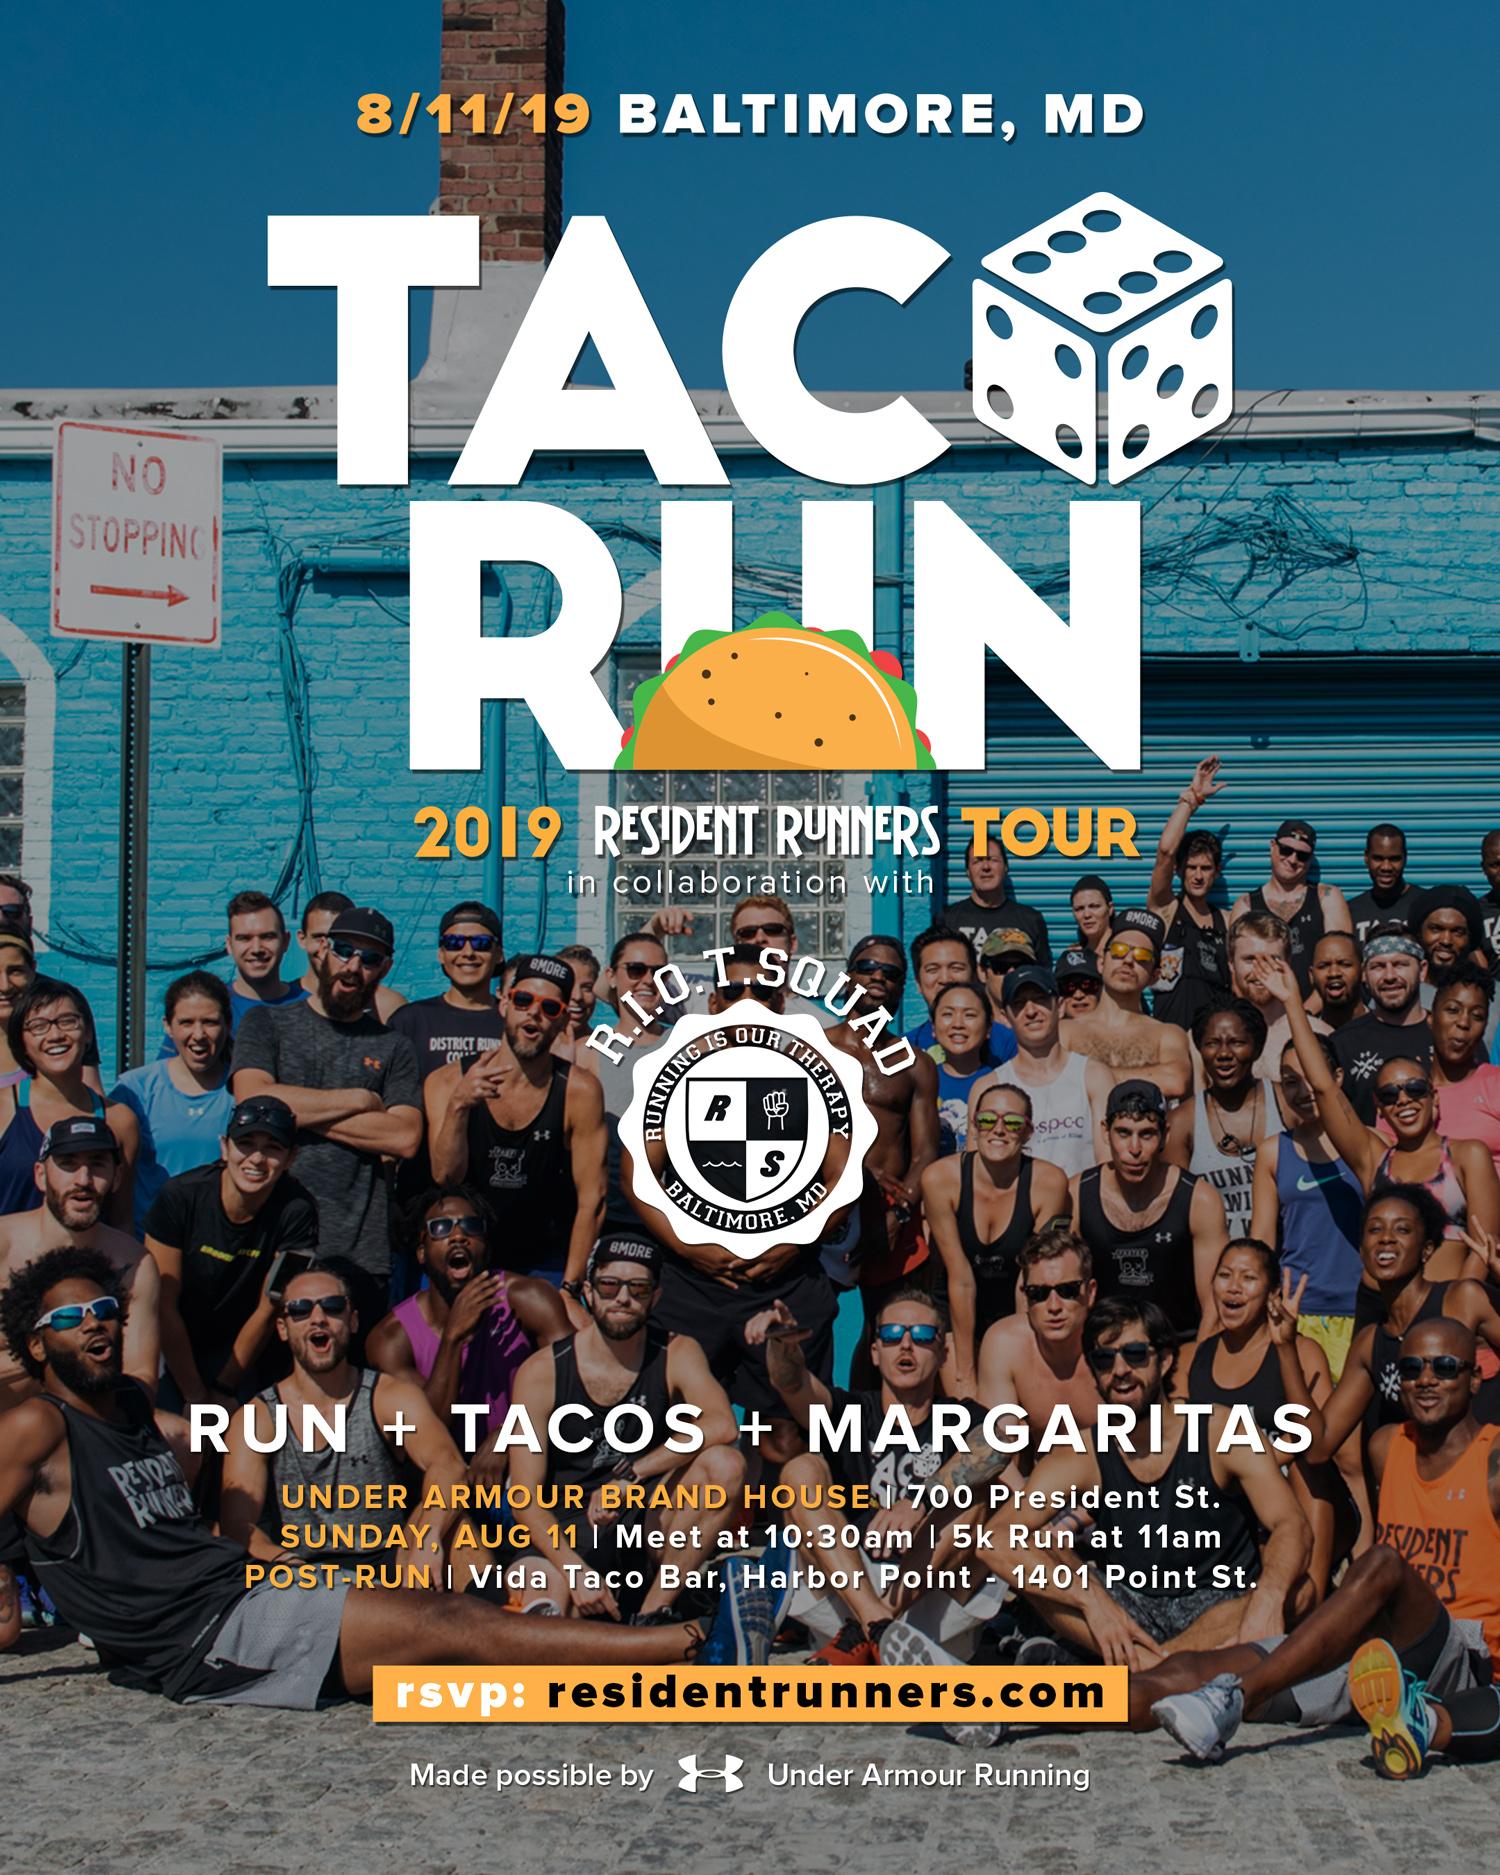 baltimore_taco_run_tour_flyer_v1-web.jpg